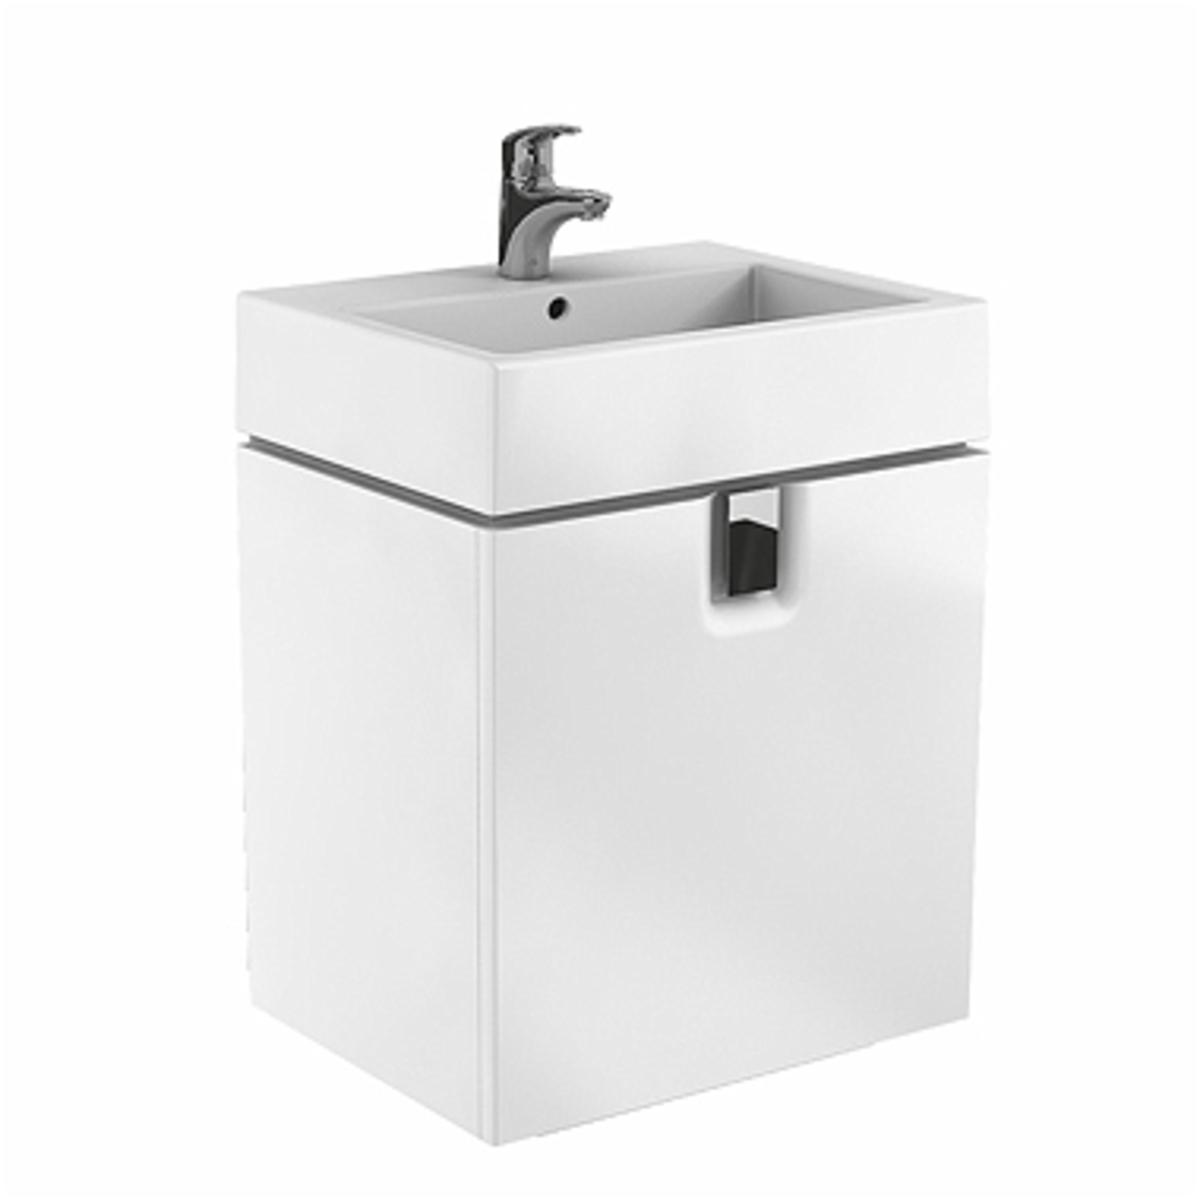 Kúpeľňová skrinka pod umývadlo KOLO Twins 60x57x46 cm biela lesk 89486000